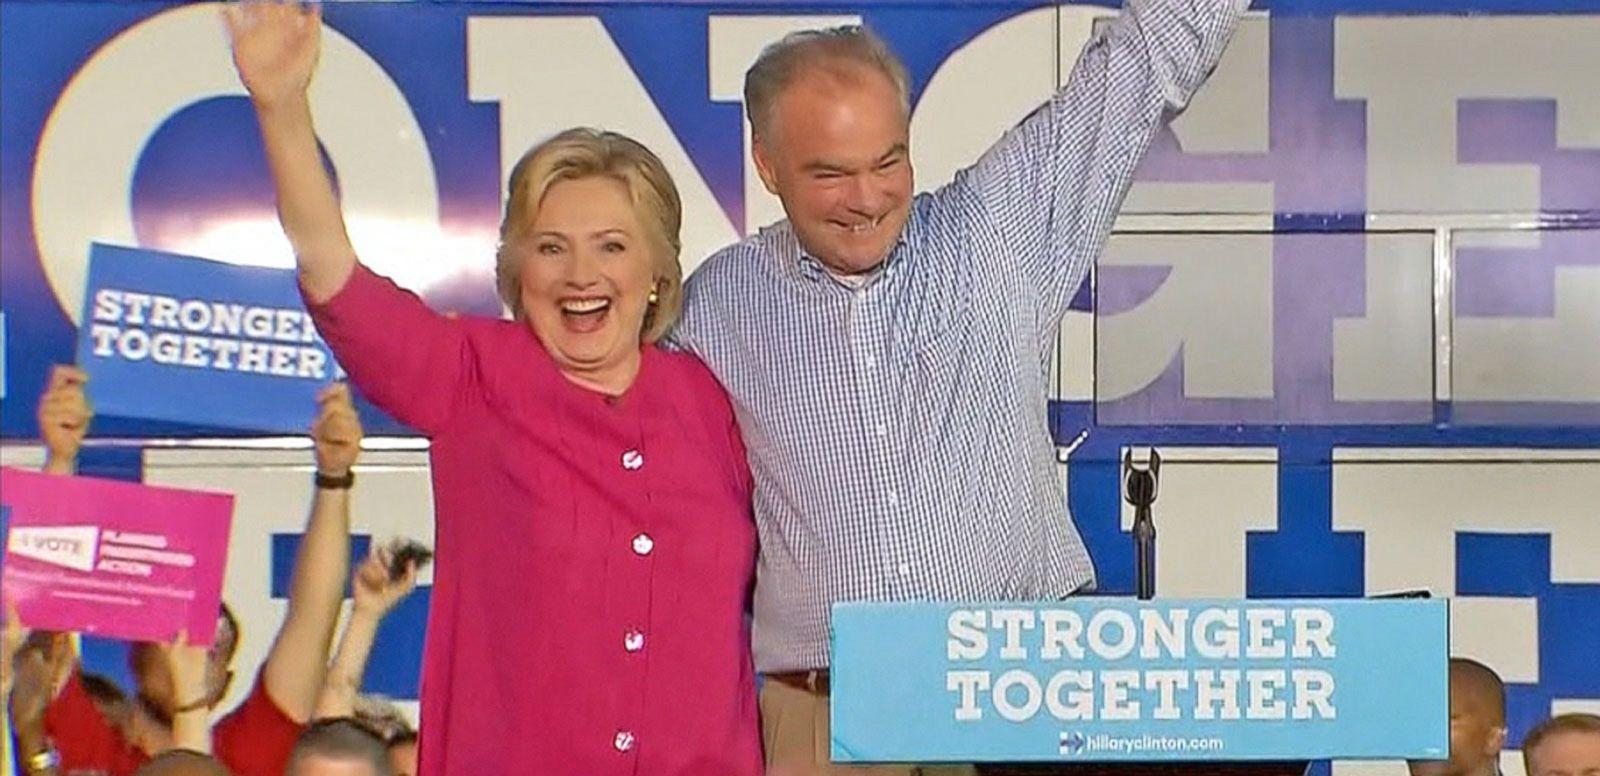 VIDEO: Hillary Clinton, Tim Kaine Campaign in Battleground States